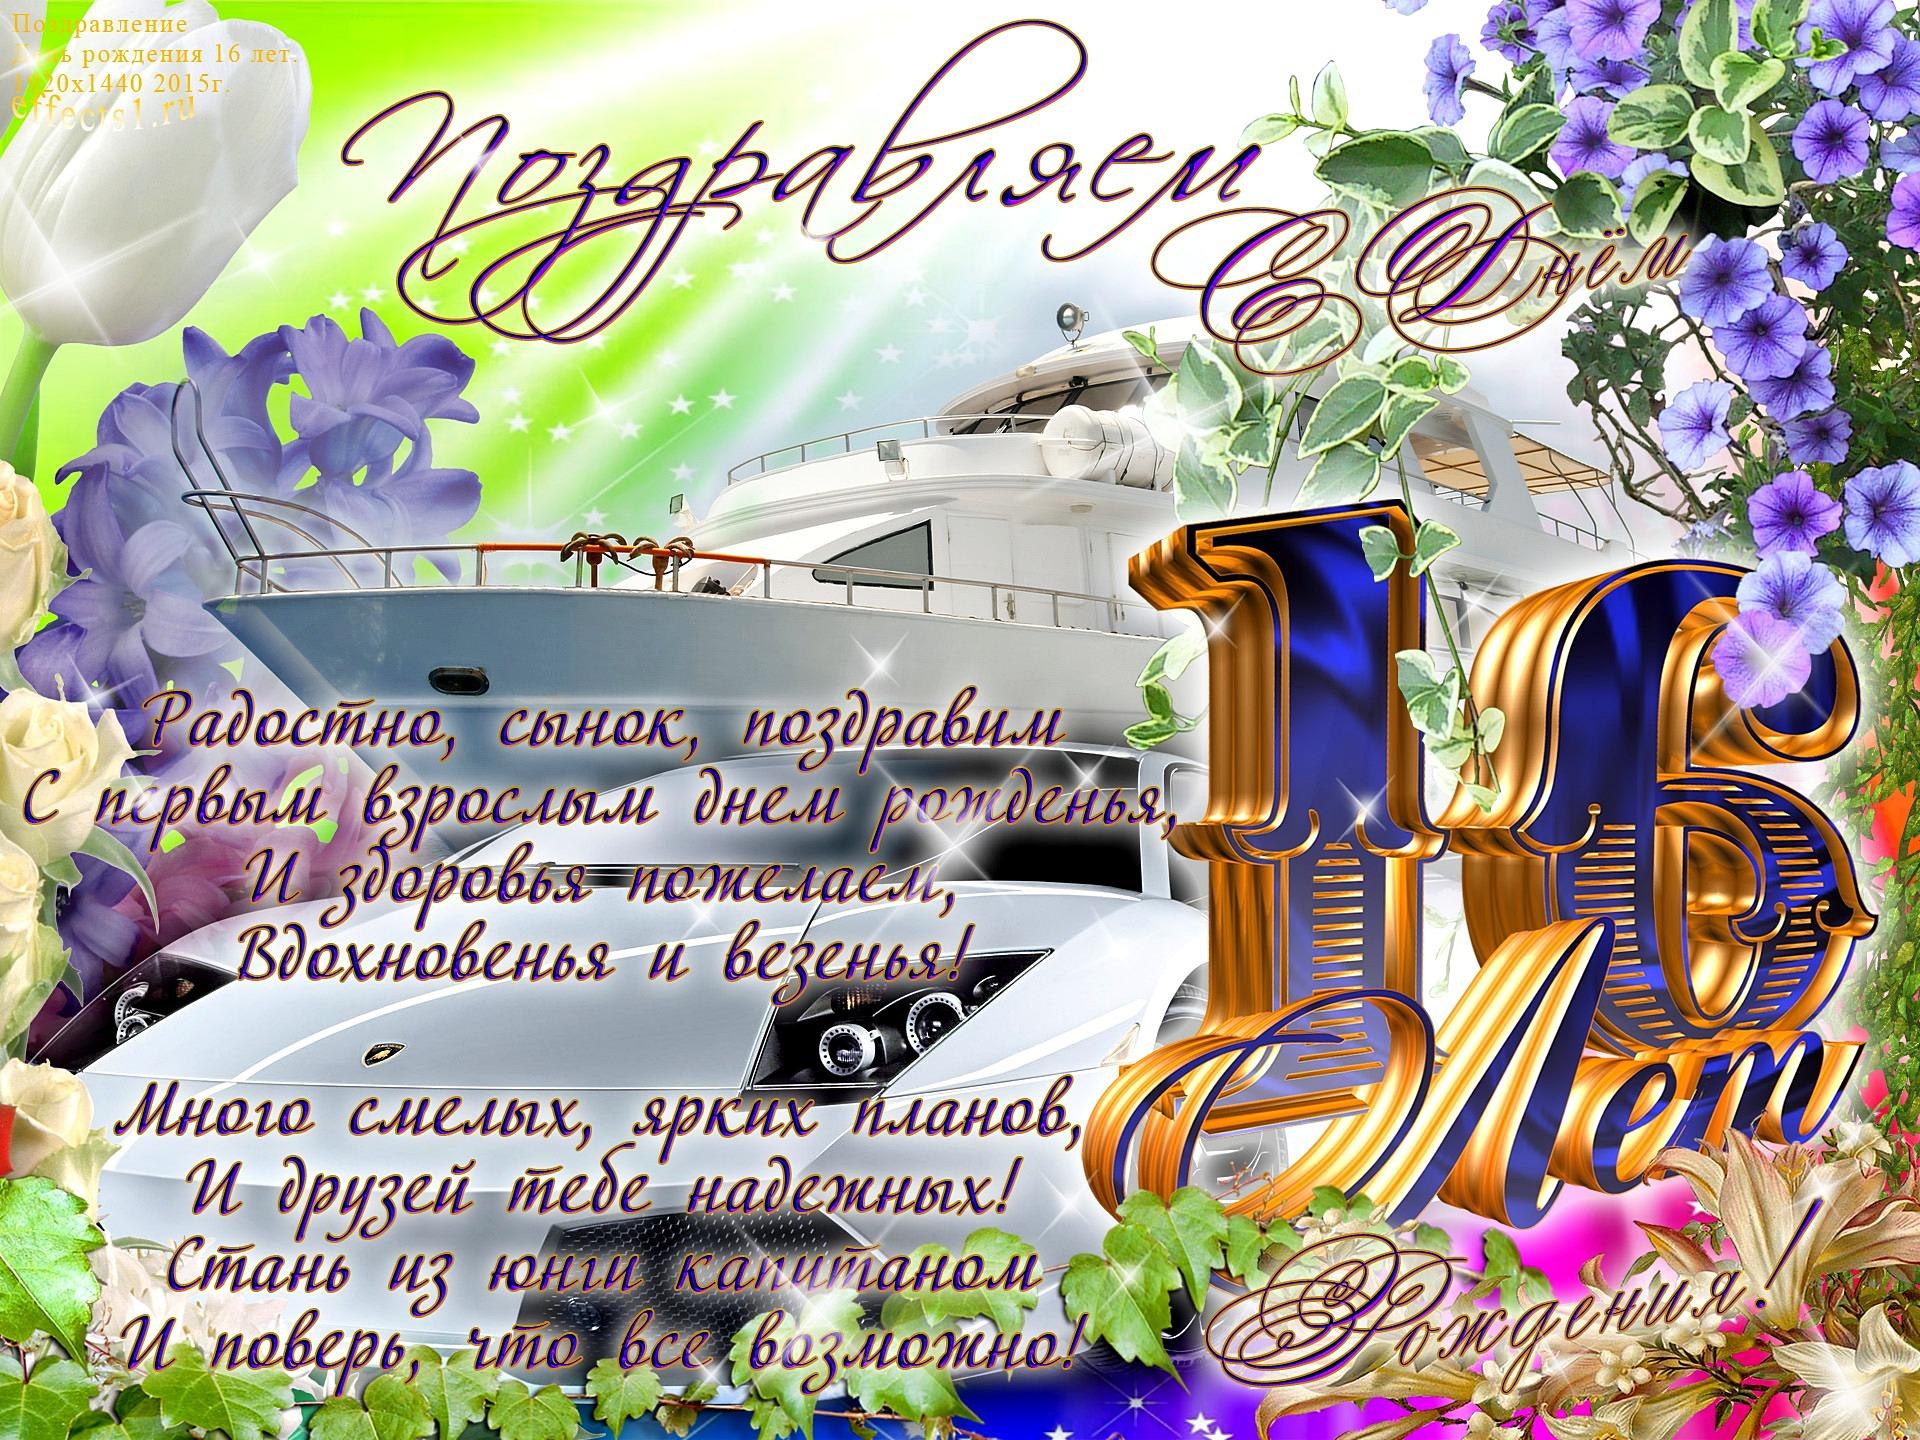 Музыкальных, открытка с днем рождения сынуля 16 лет